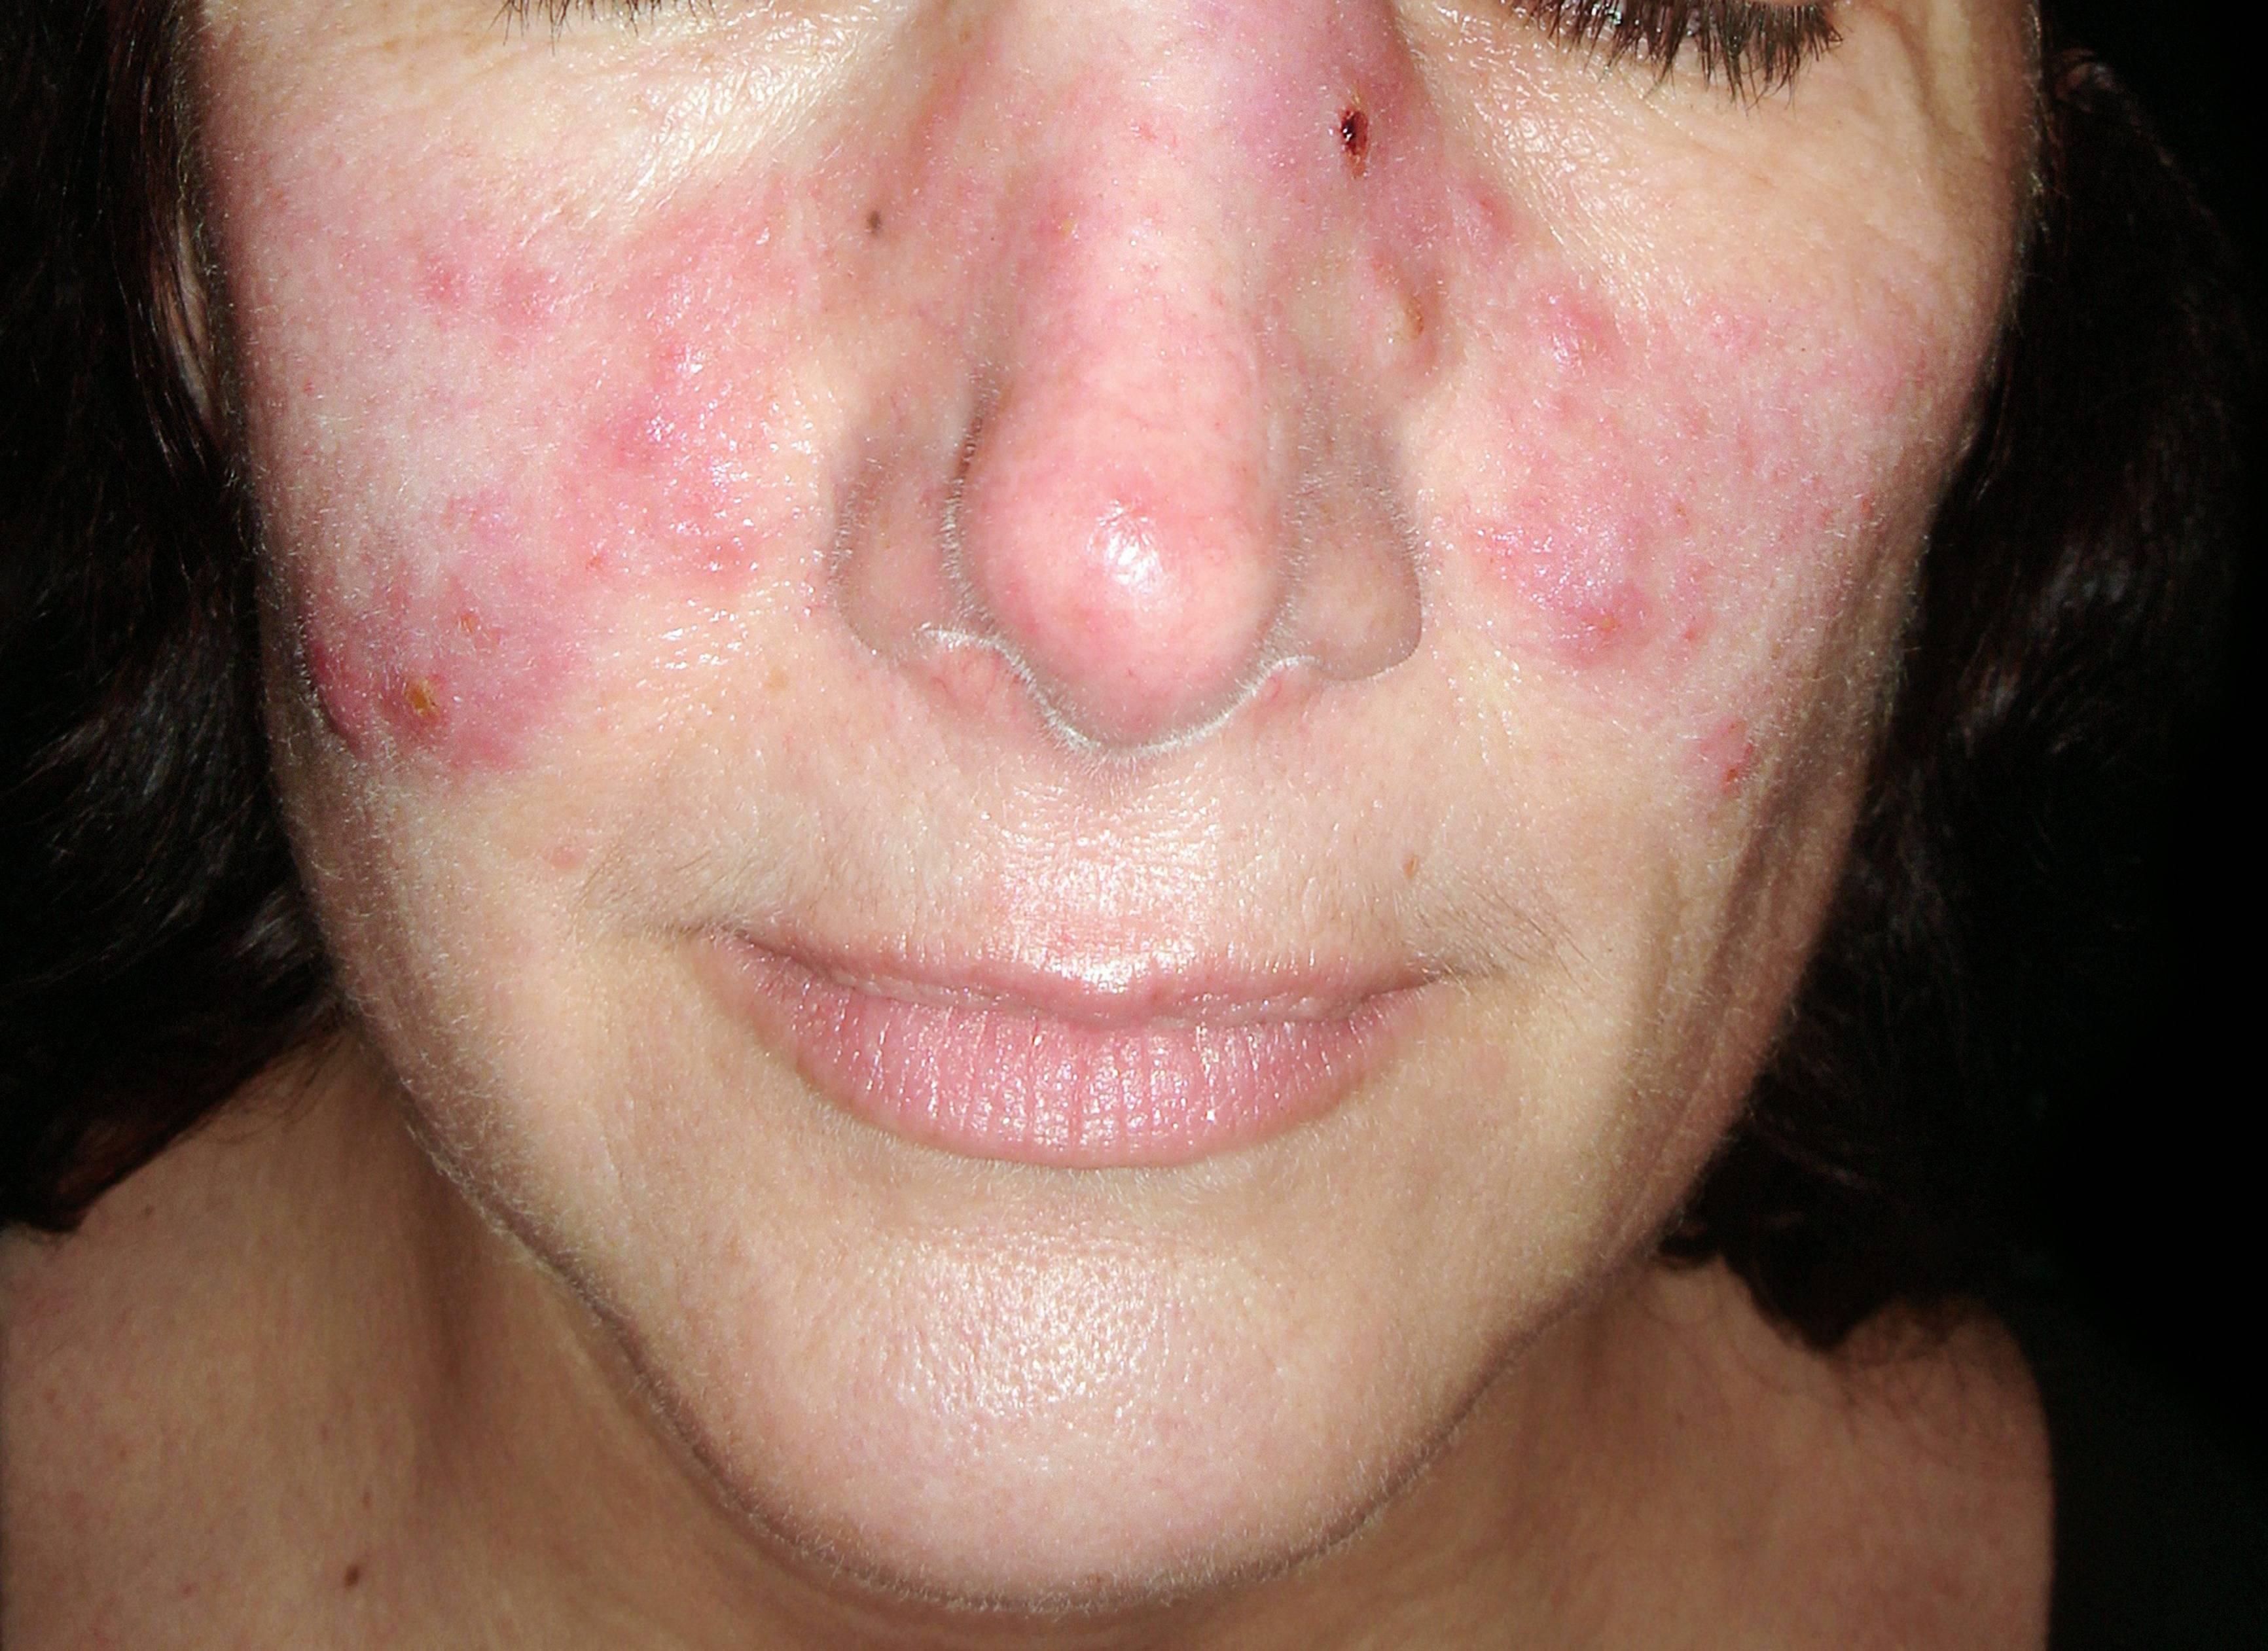 reggel arc vörös foltokkal hogyan lehet megszabadulni a viszket fejbr pikkelysömörrel